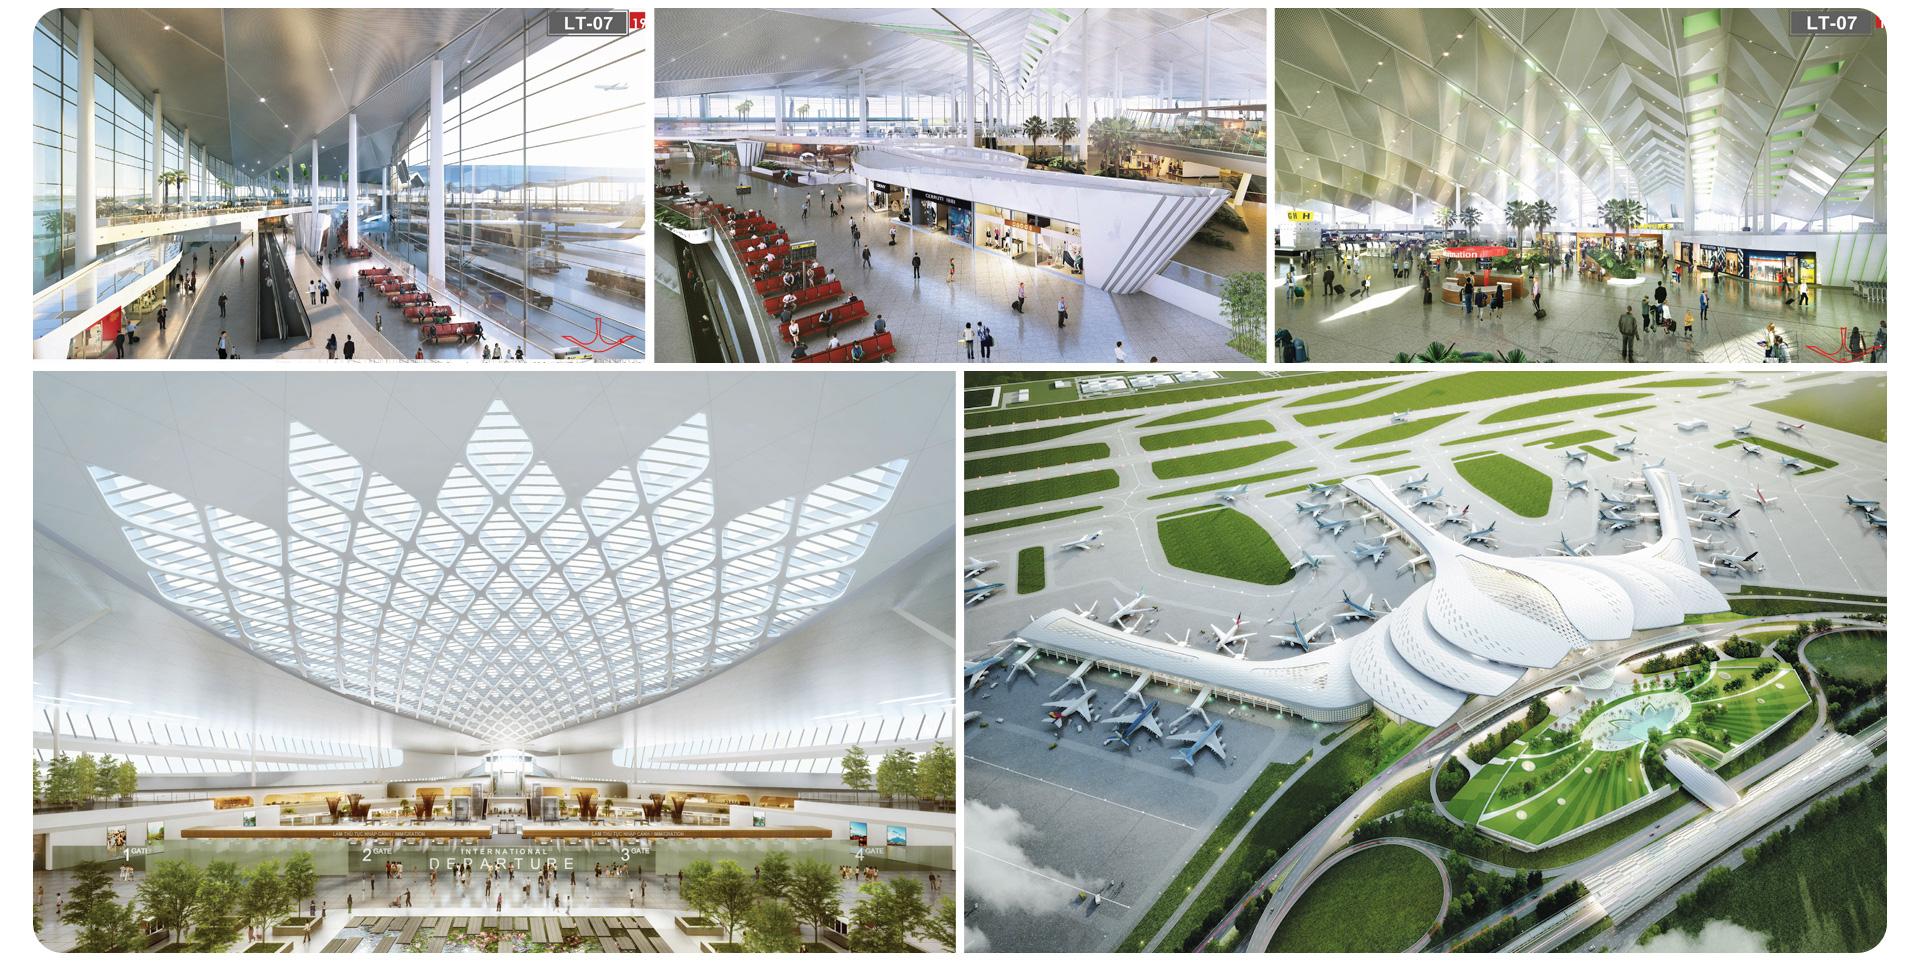 Sân bay quốc tế Long Thành, ngày cất cánh không còn xa - Ảnh 12.